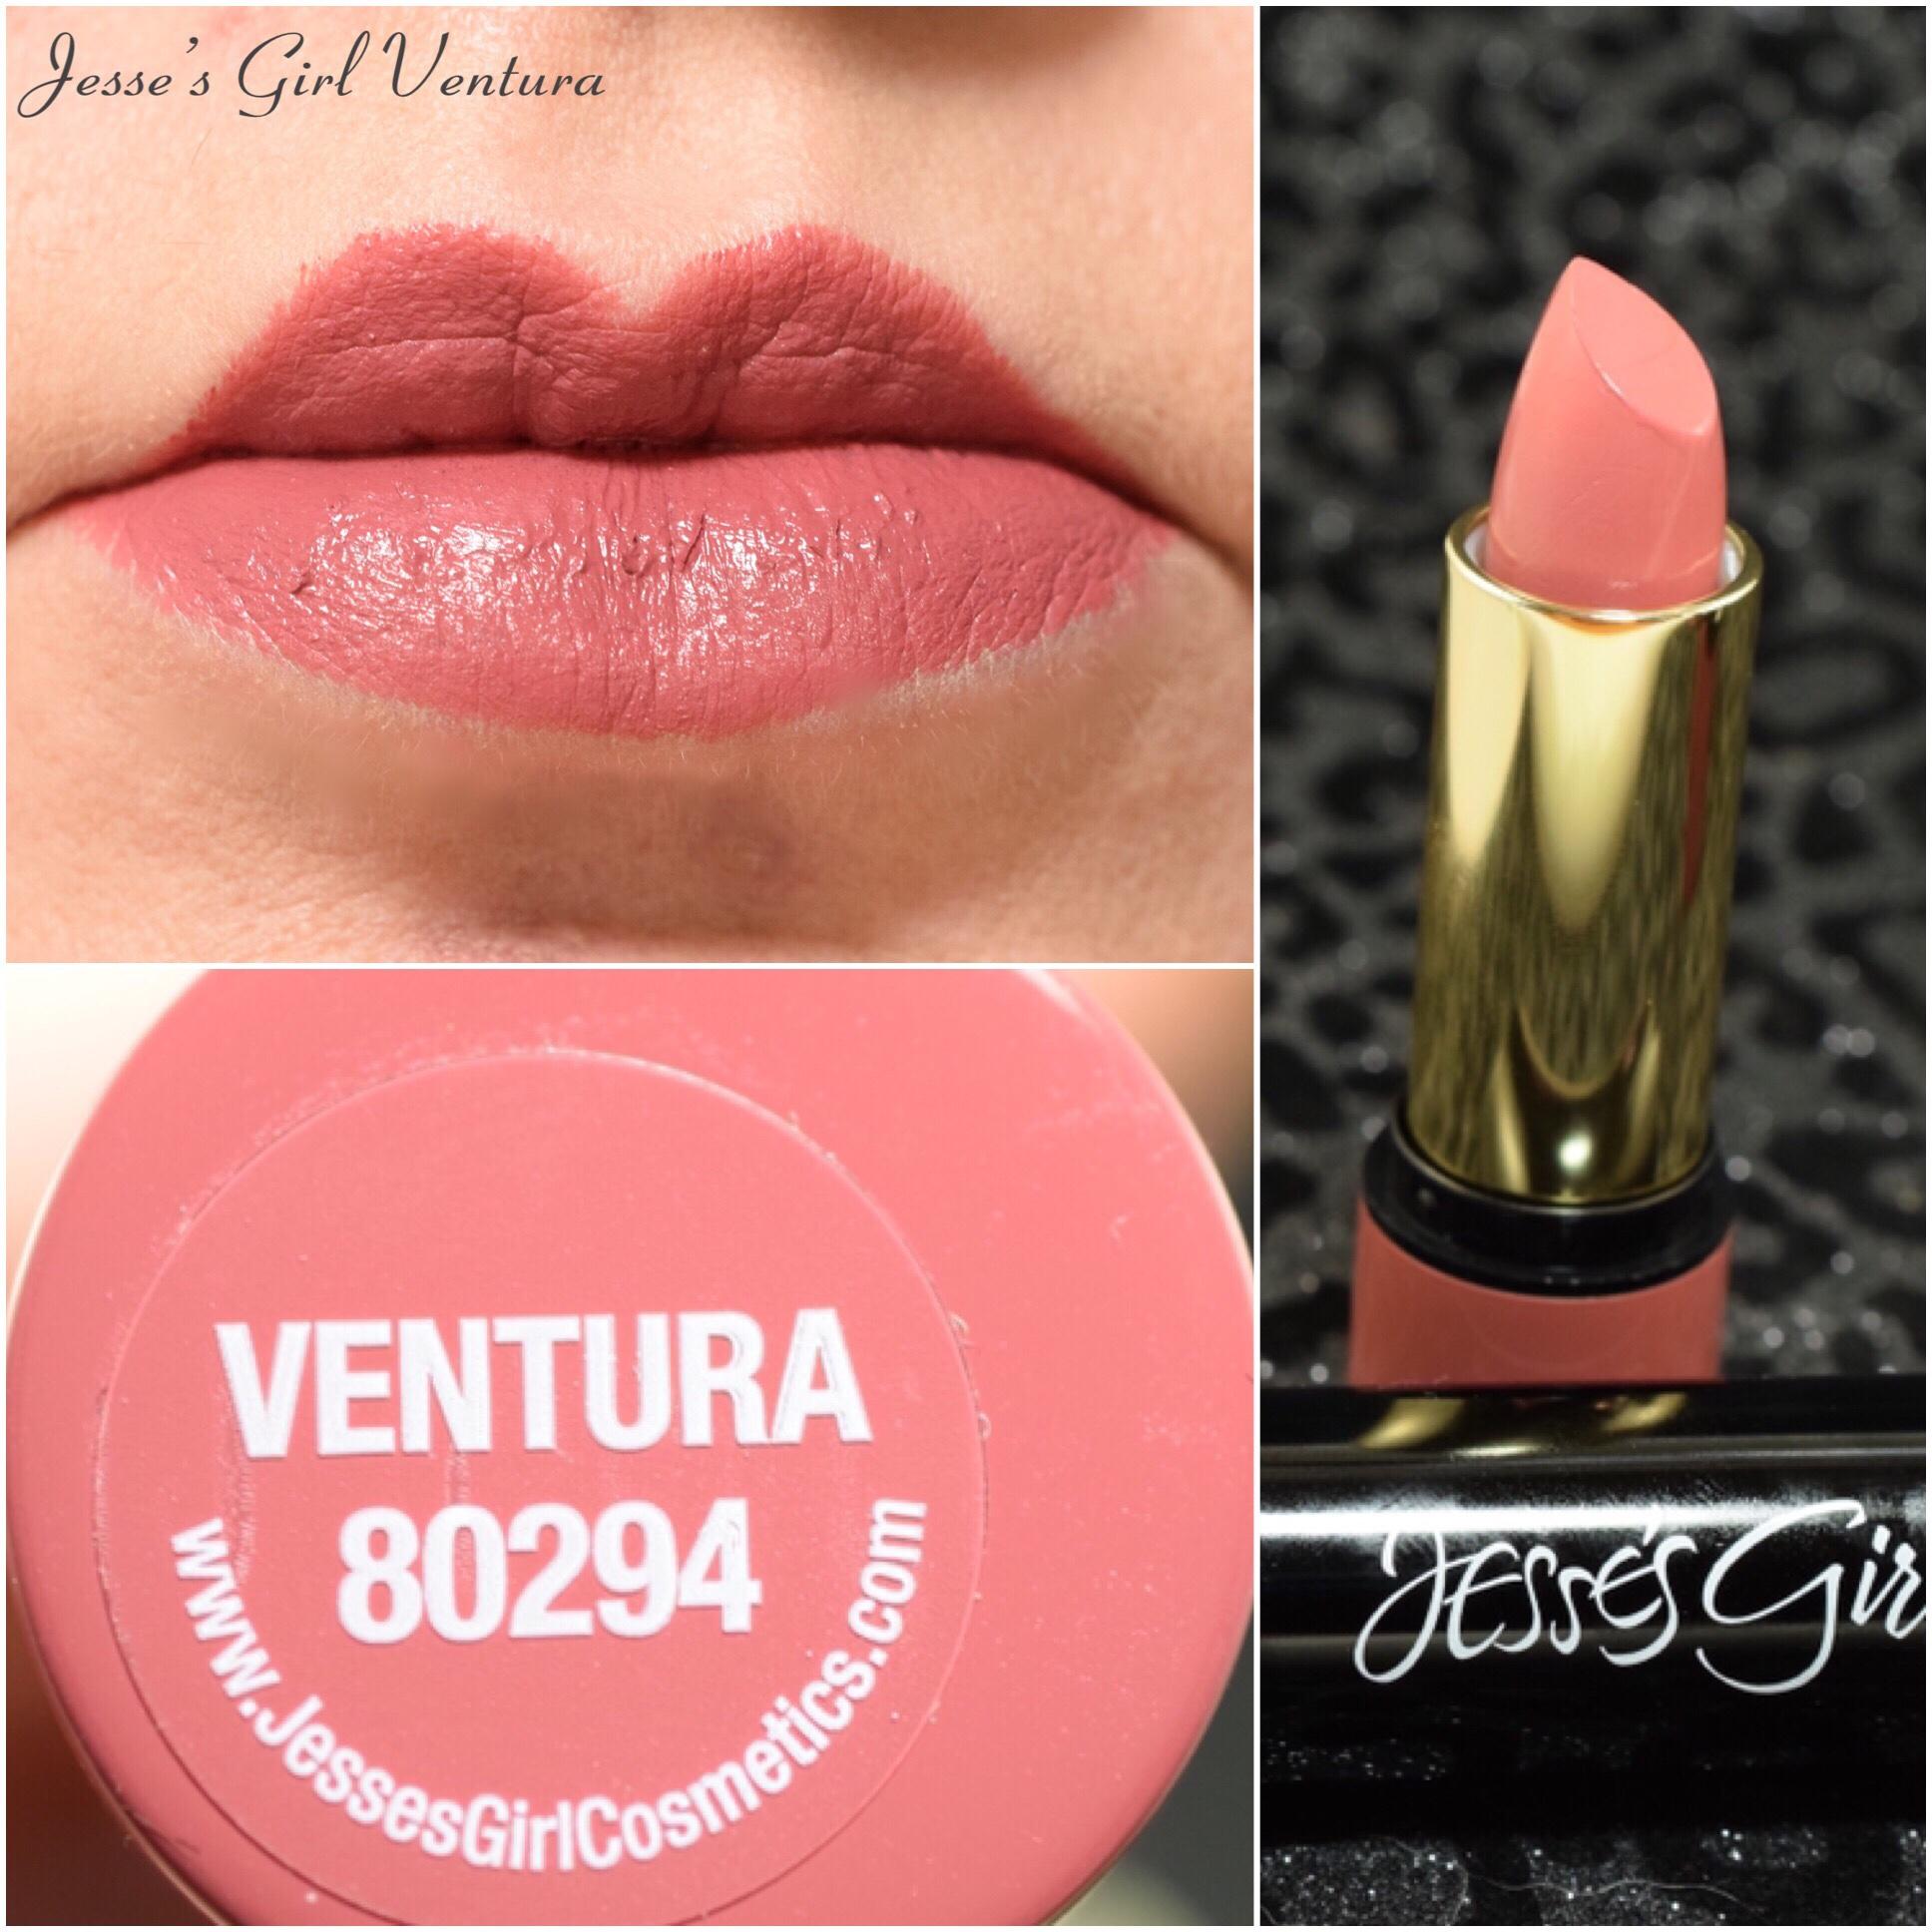 Jesse's Girl Ventura